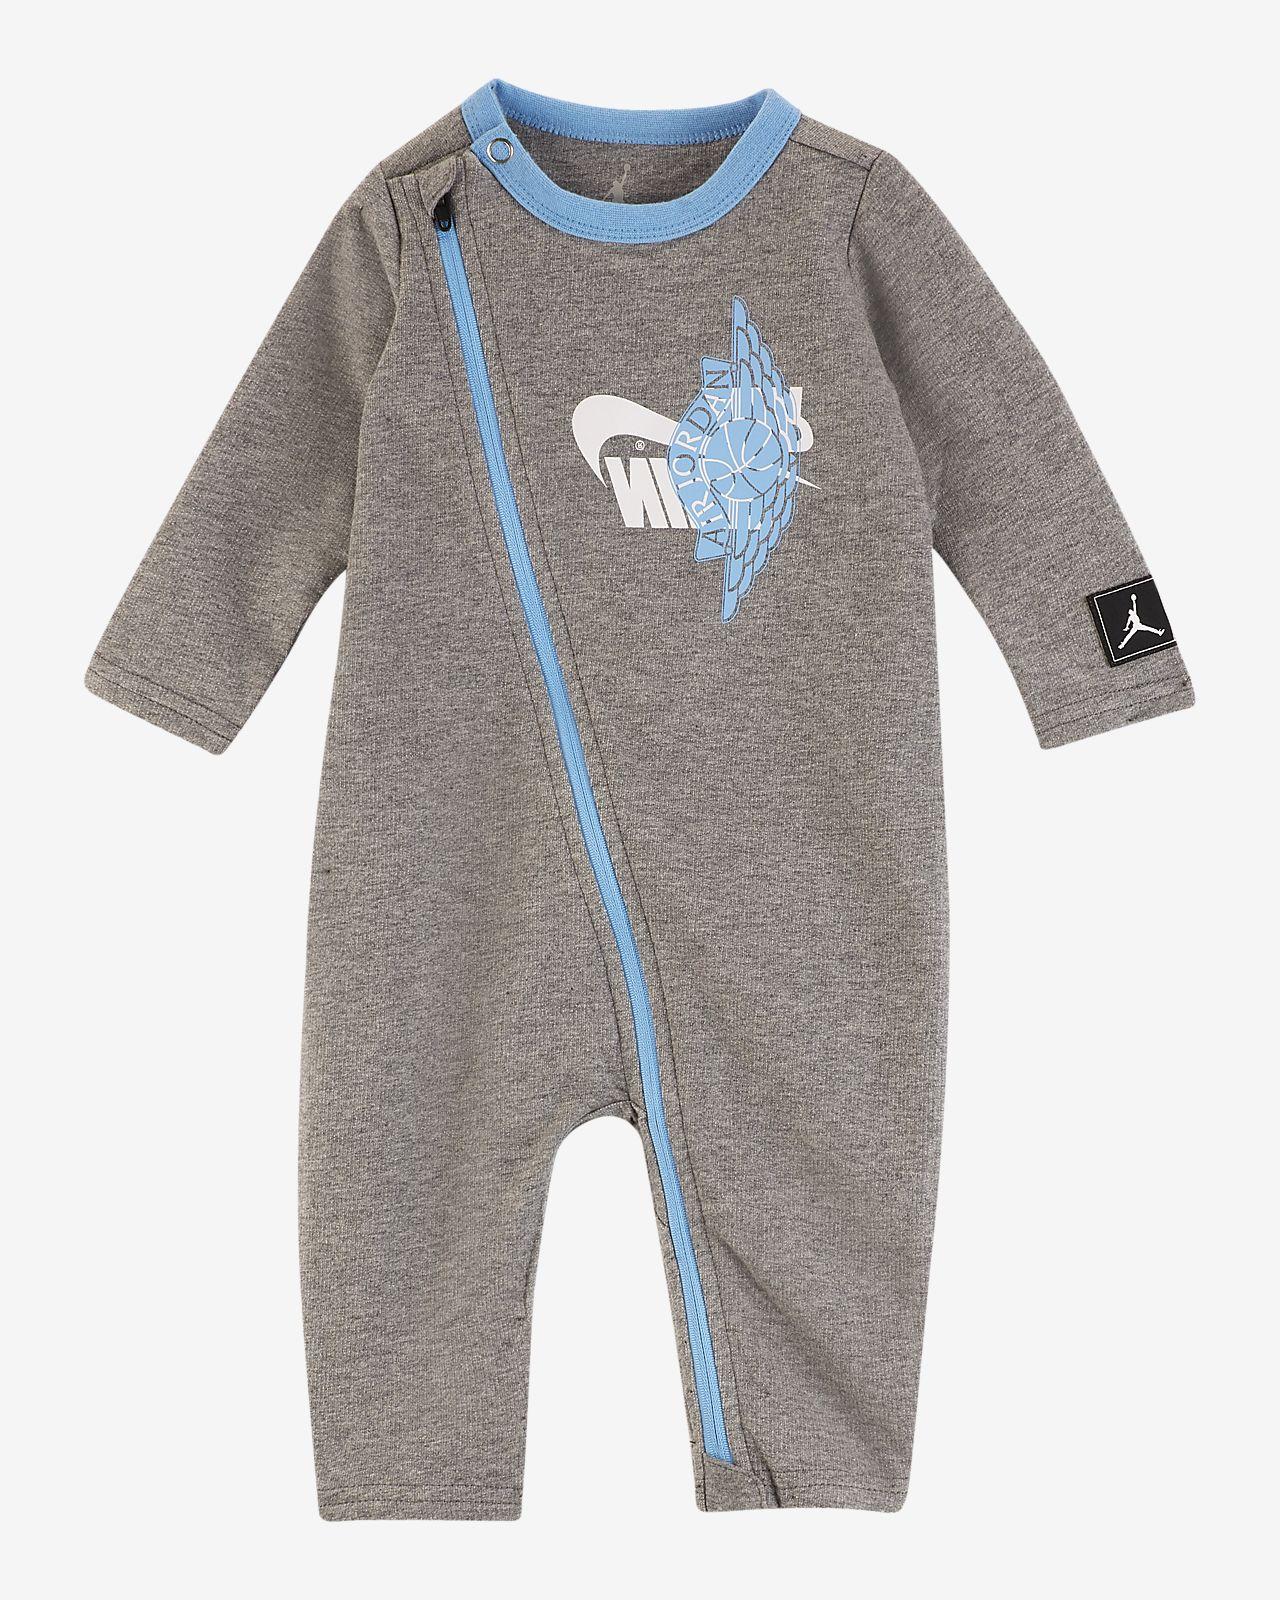 Jordan Sportswear WIngs婴童连体衣